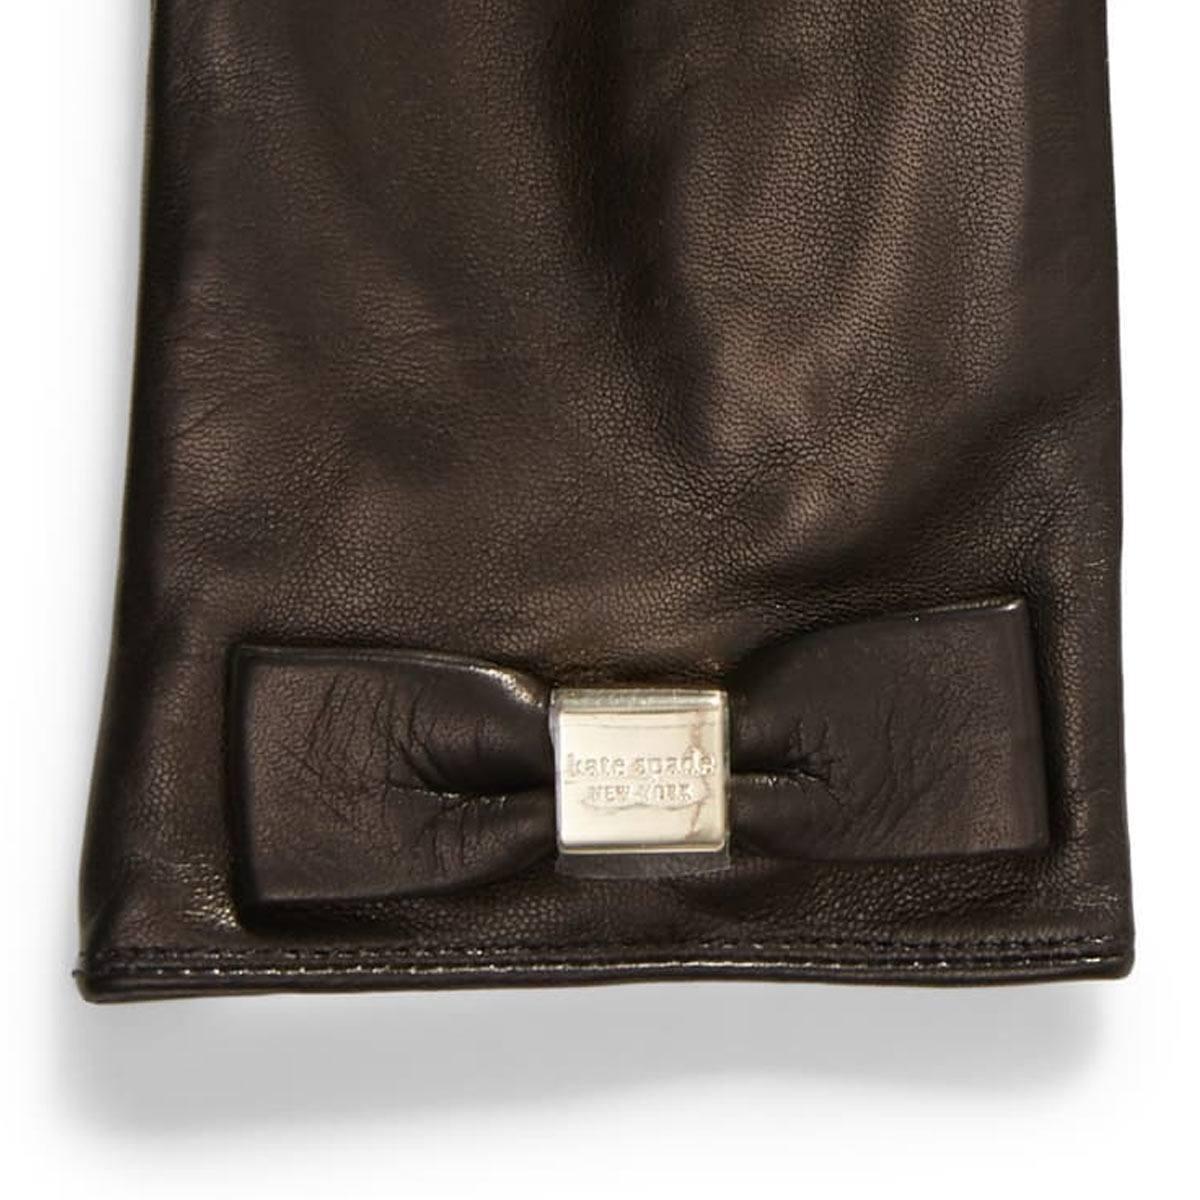 ケイトスペード,手袋,リボン,KATE SPADE NEW YORK